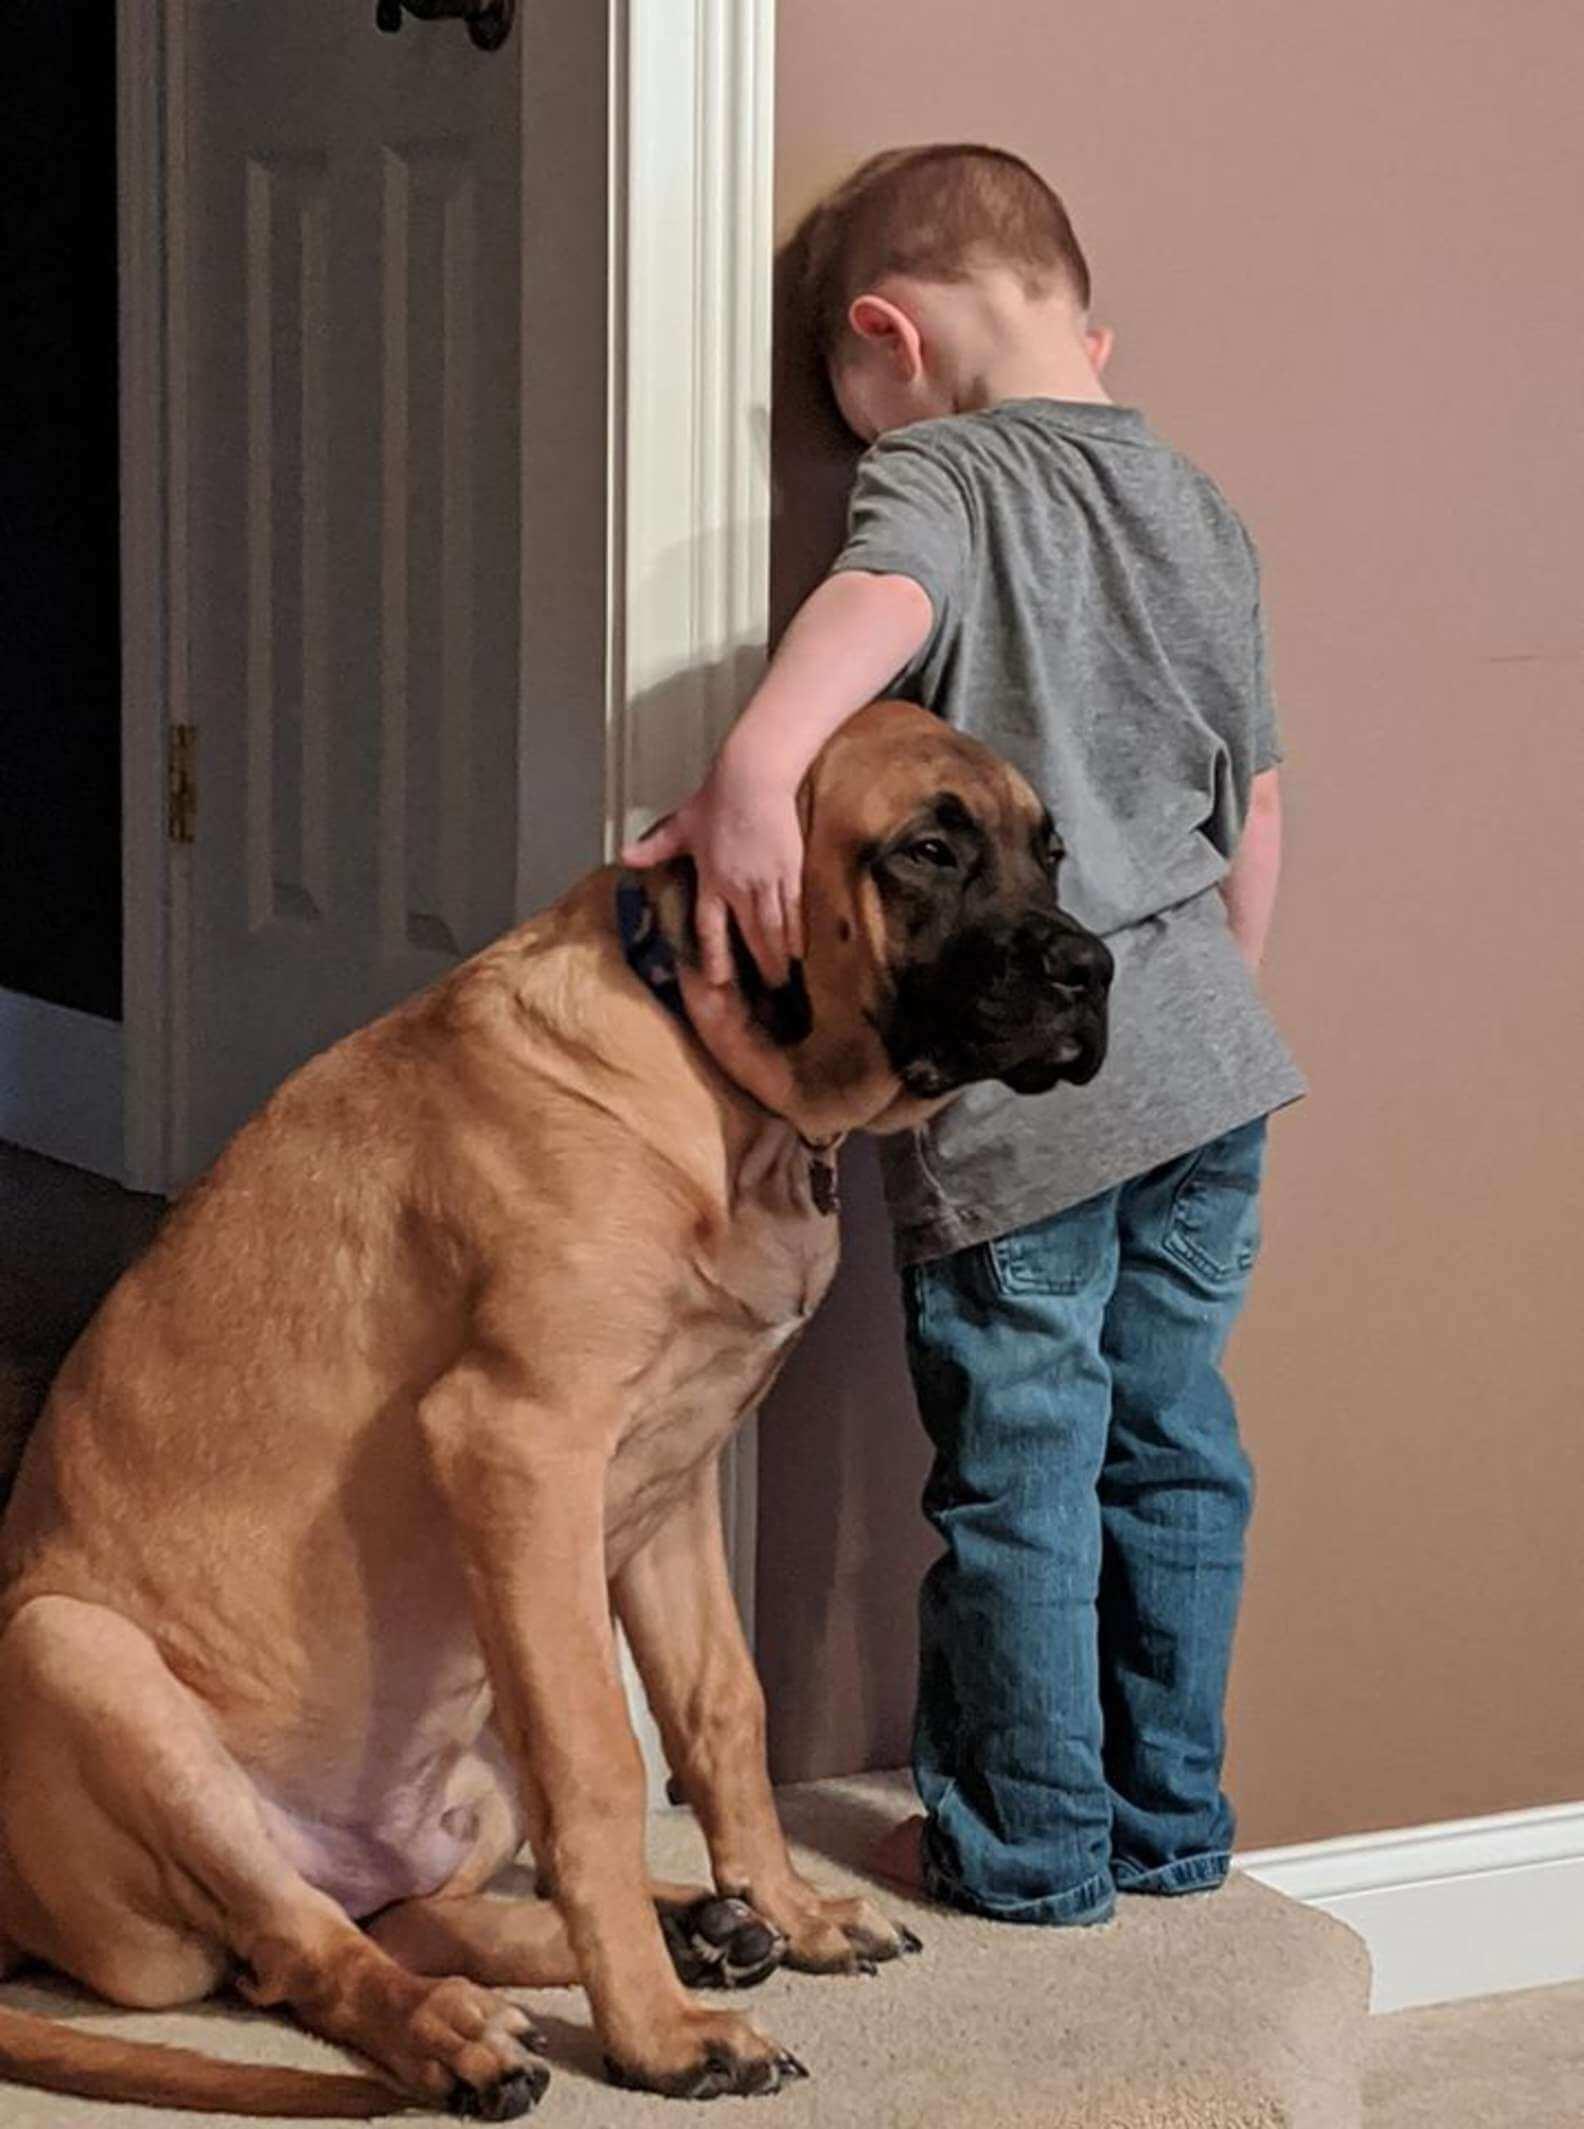 Mãe coloca filho de castigo, cachorro lhe faz companhia e foto se torna VIRAL